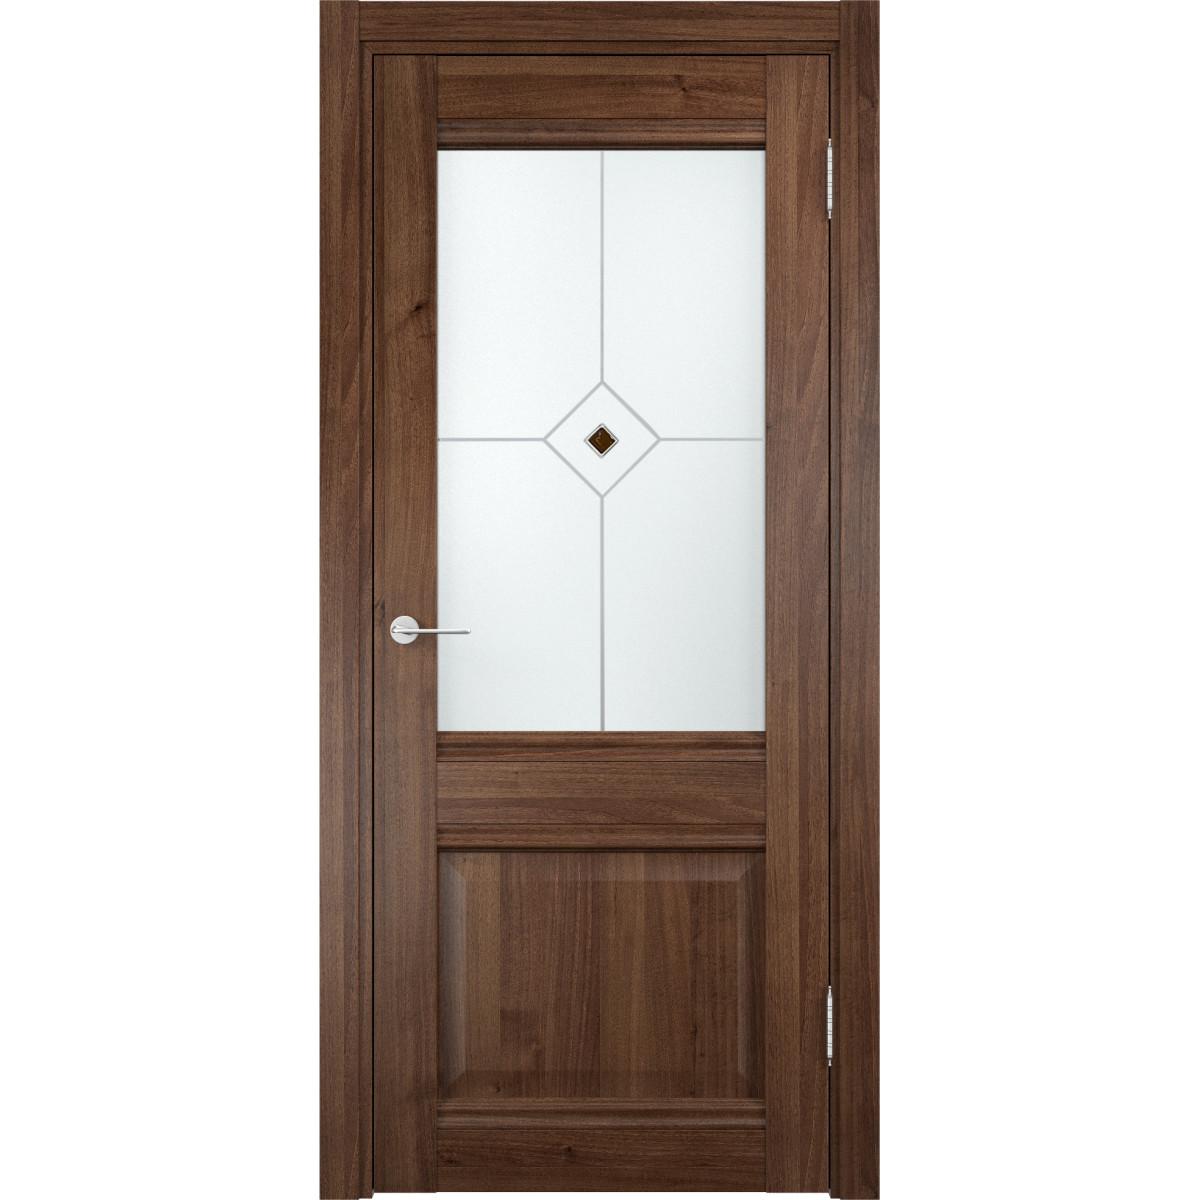 Дверное полотно Casaporte Милан МП_0179 2000х900х44 мм МДФ